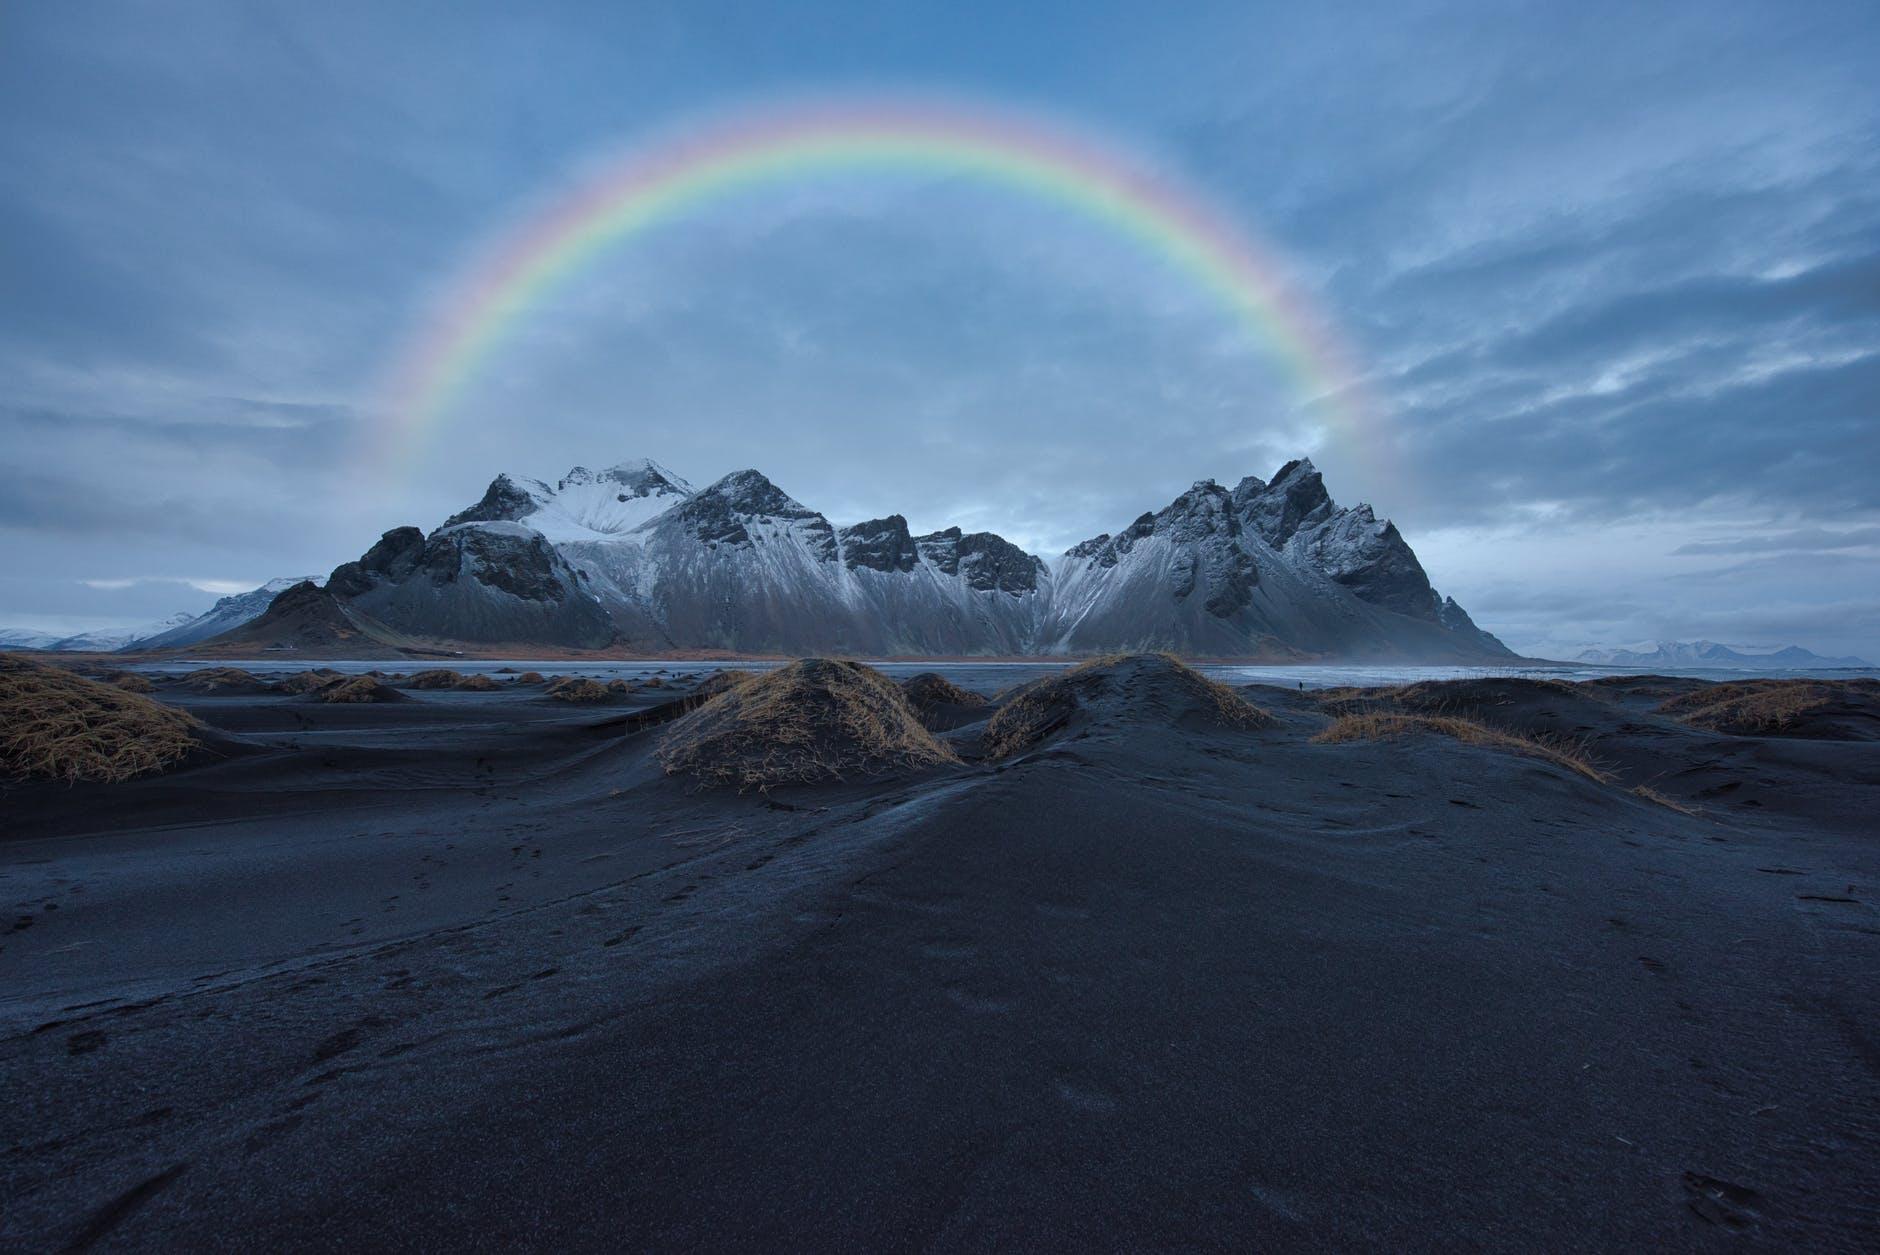 Montaña y arco iris